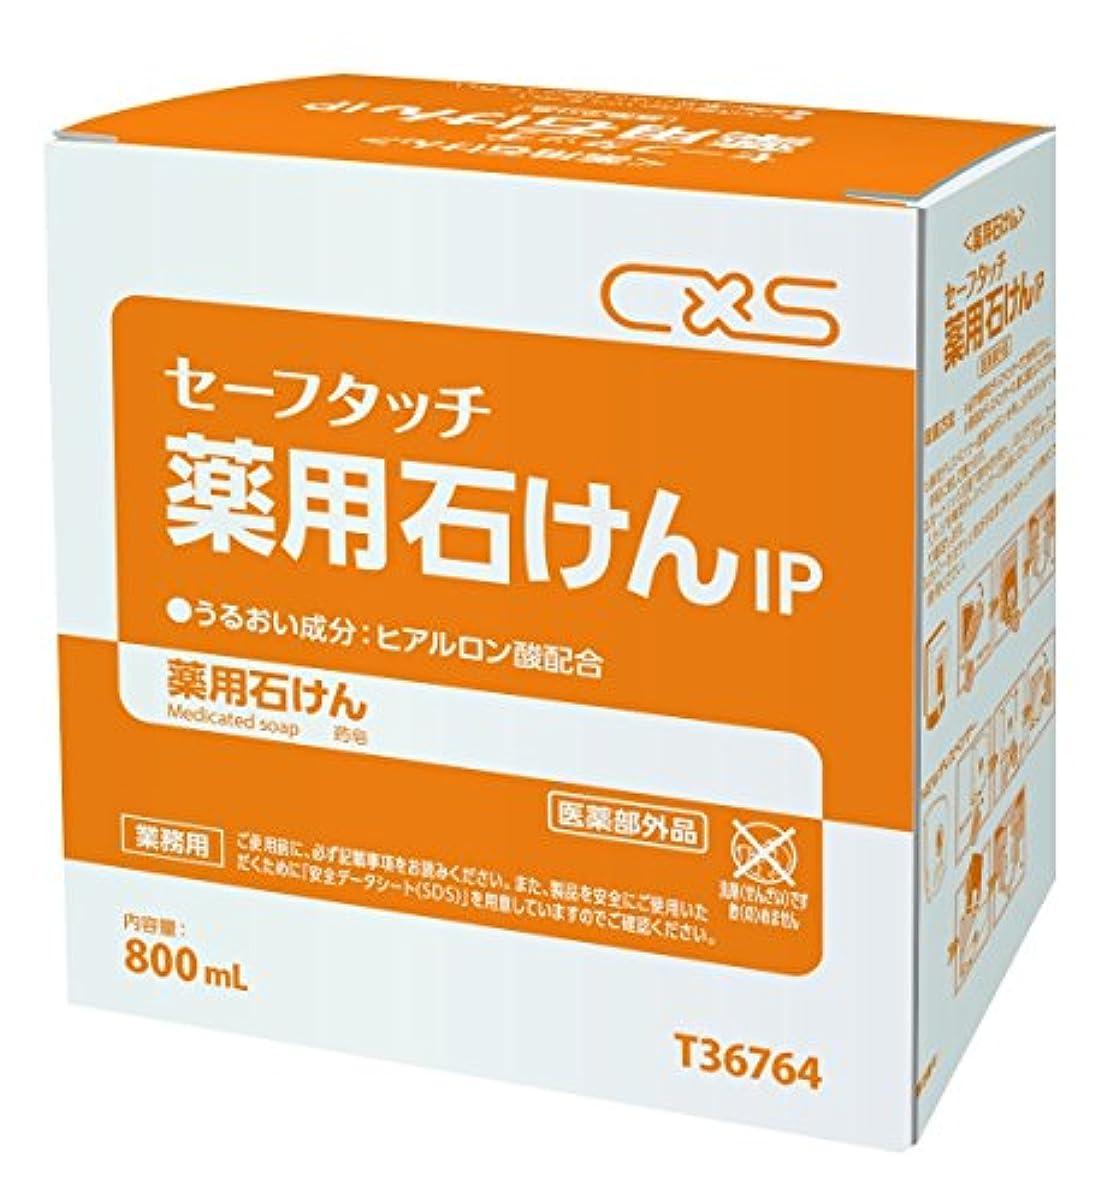 キャンペーン決定する診断するセーフタッチ 薬用石けんIP 6箱セット